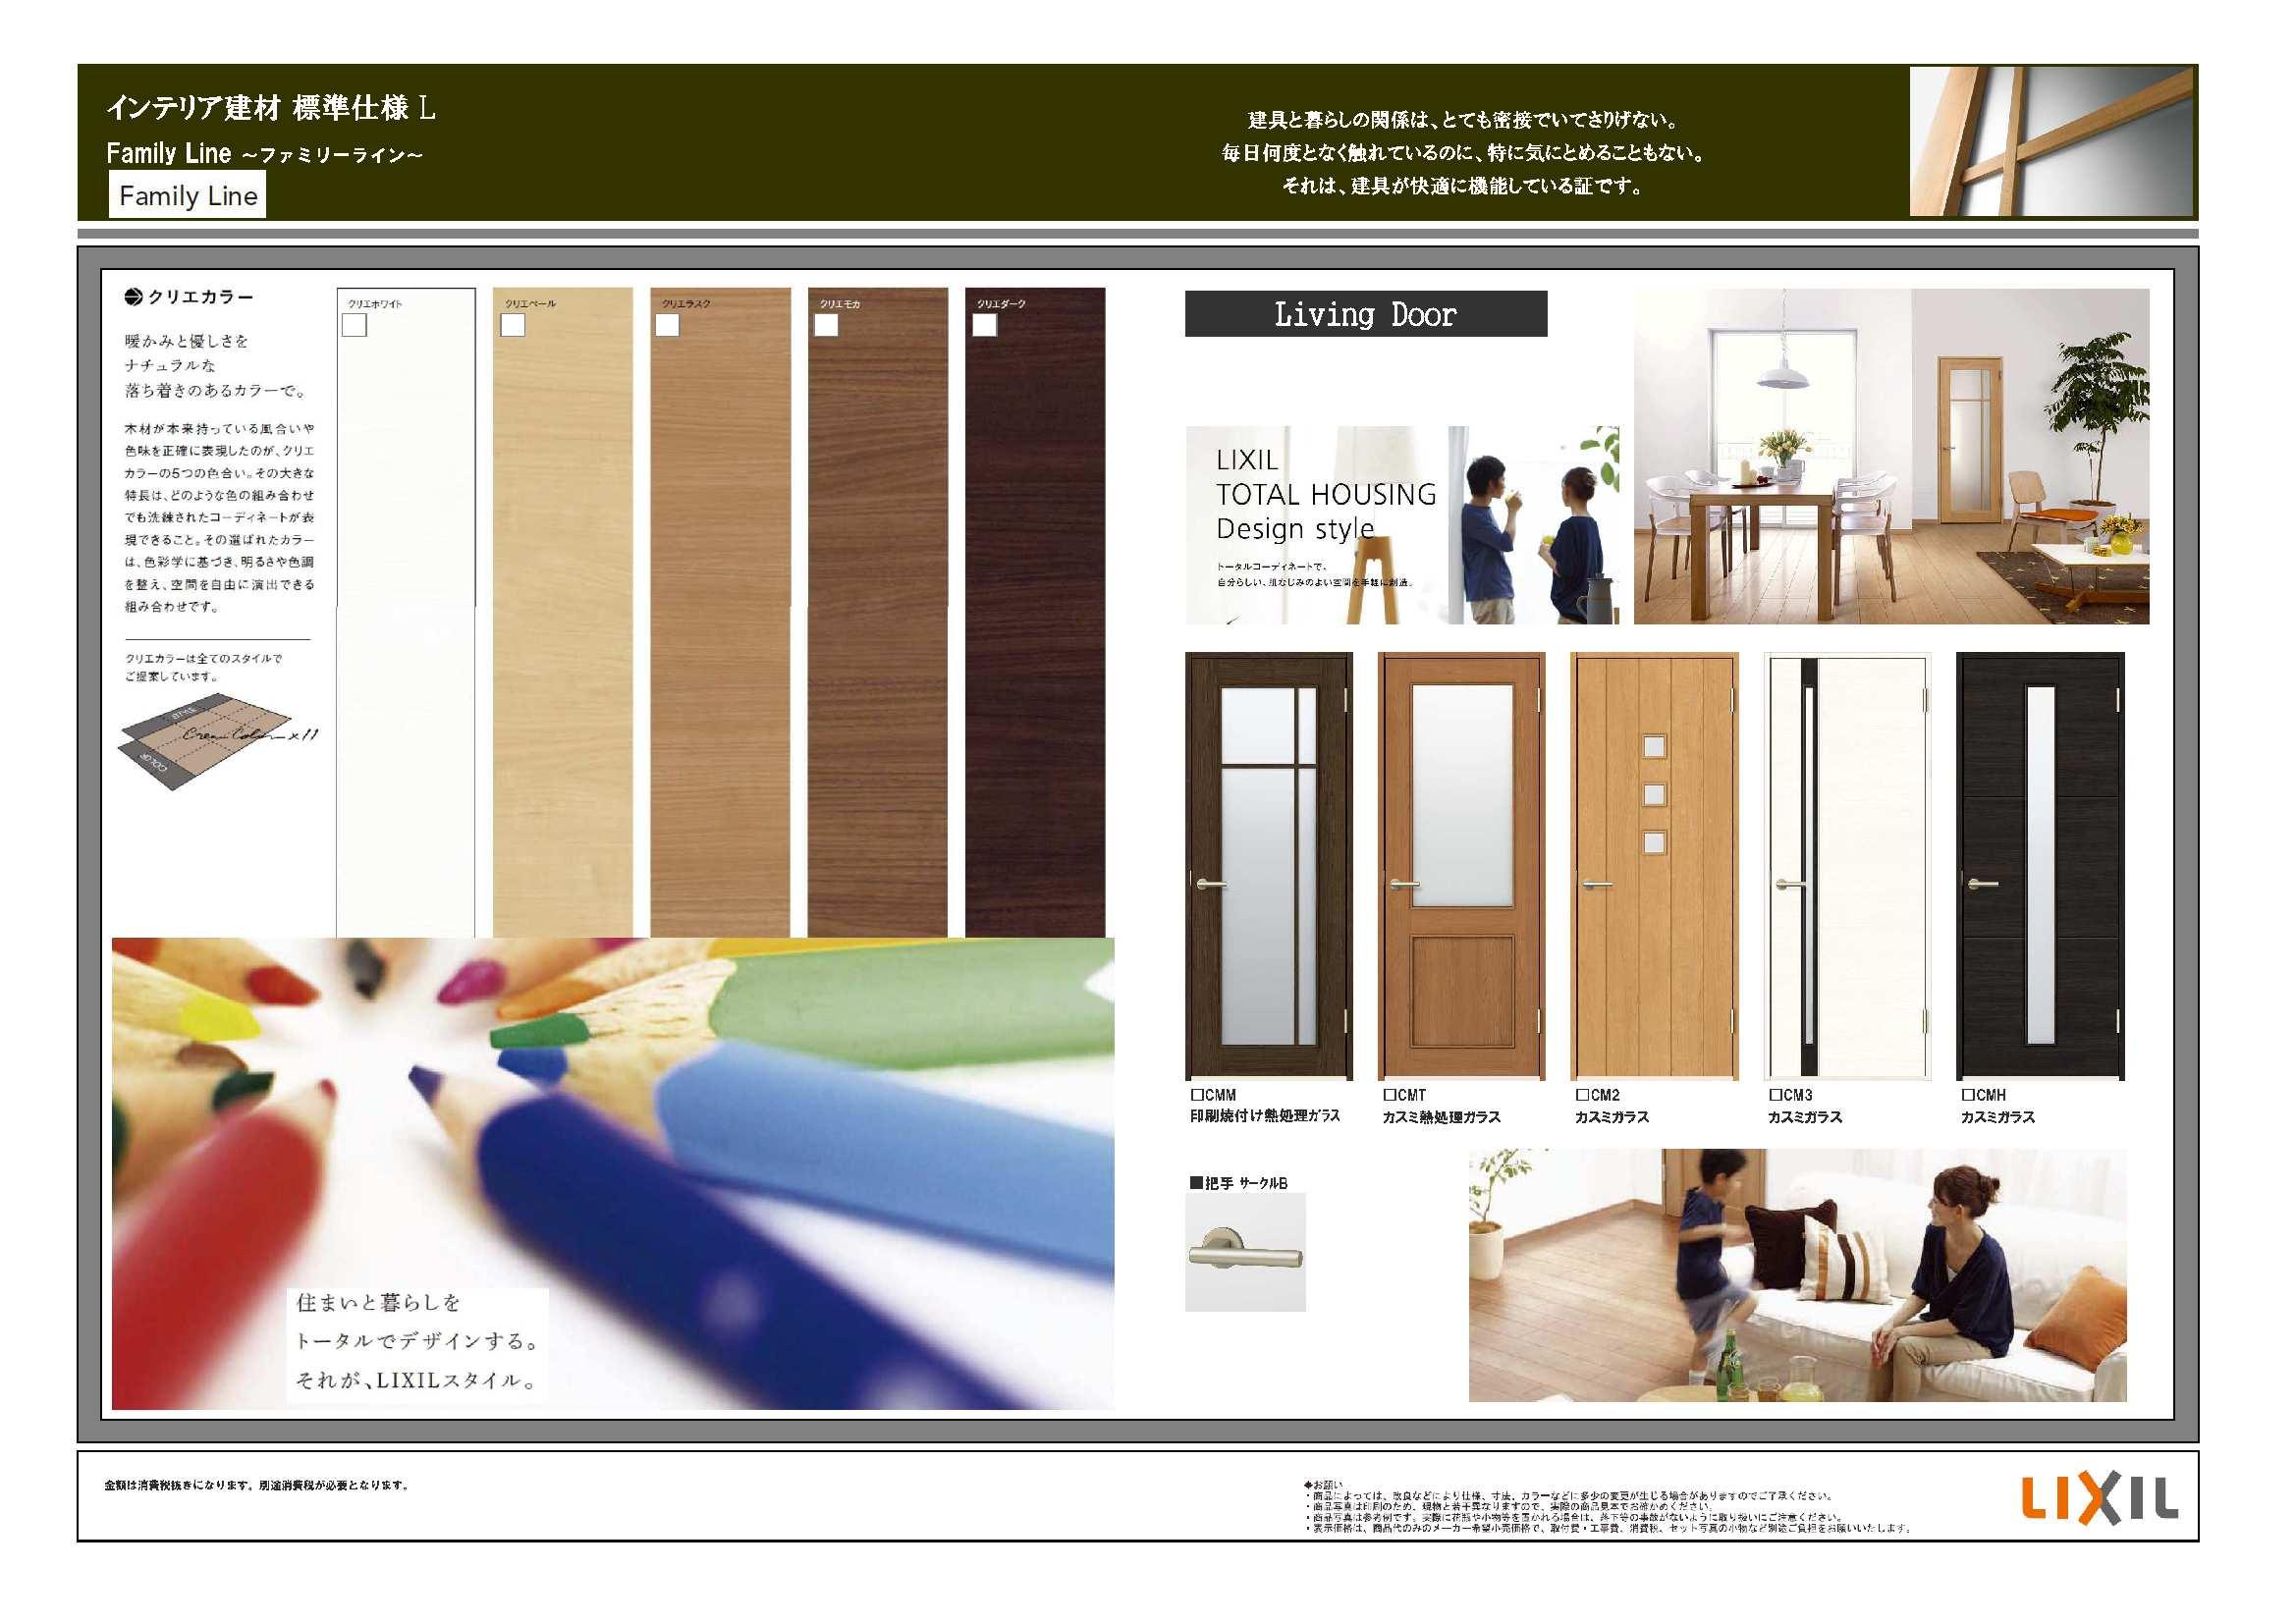 片木反毛株式会社2015標準仕様書-08